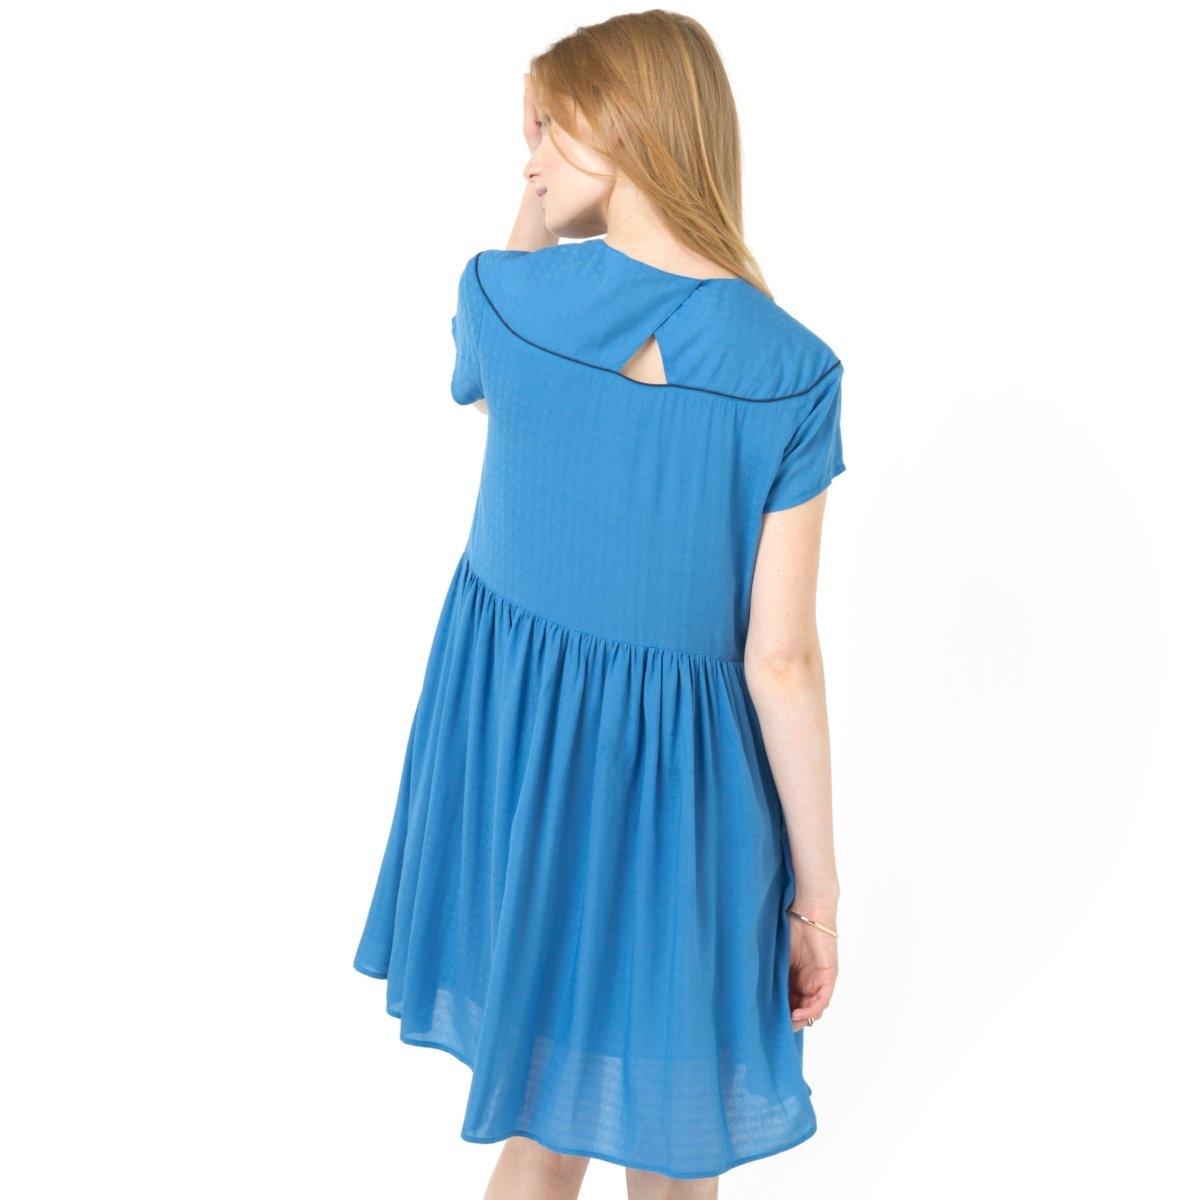 Платье широкого покрояПлатье из 100% вискозы. Короткие рукава. V-образный вырез. Стильные детали сзади. Отрезное по талии. Подкладка из вуали, 100% хлопка. Длина 90 см.<br><br>Цвет: синий,слоновая кость<br>Размер: 38 (FR) - 44 (RUS).44 (FR) - 50 (RUS)